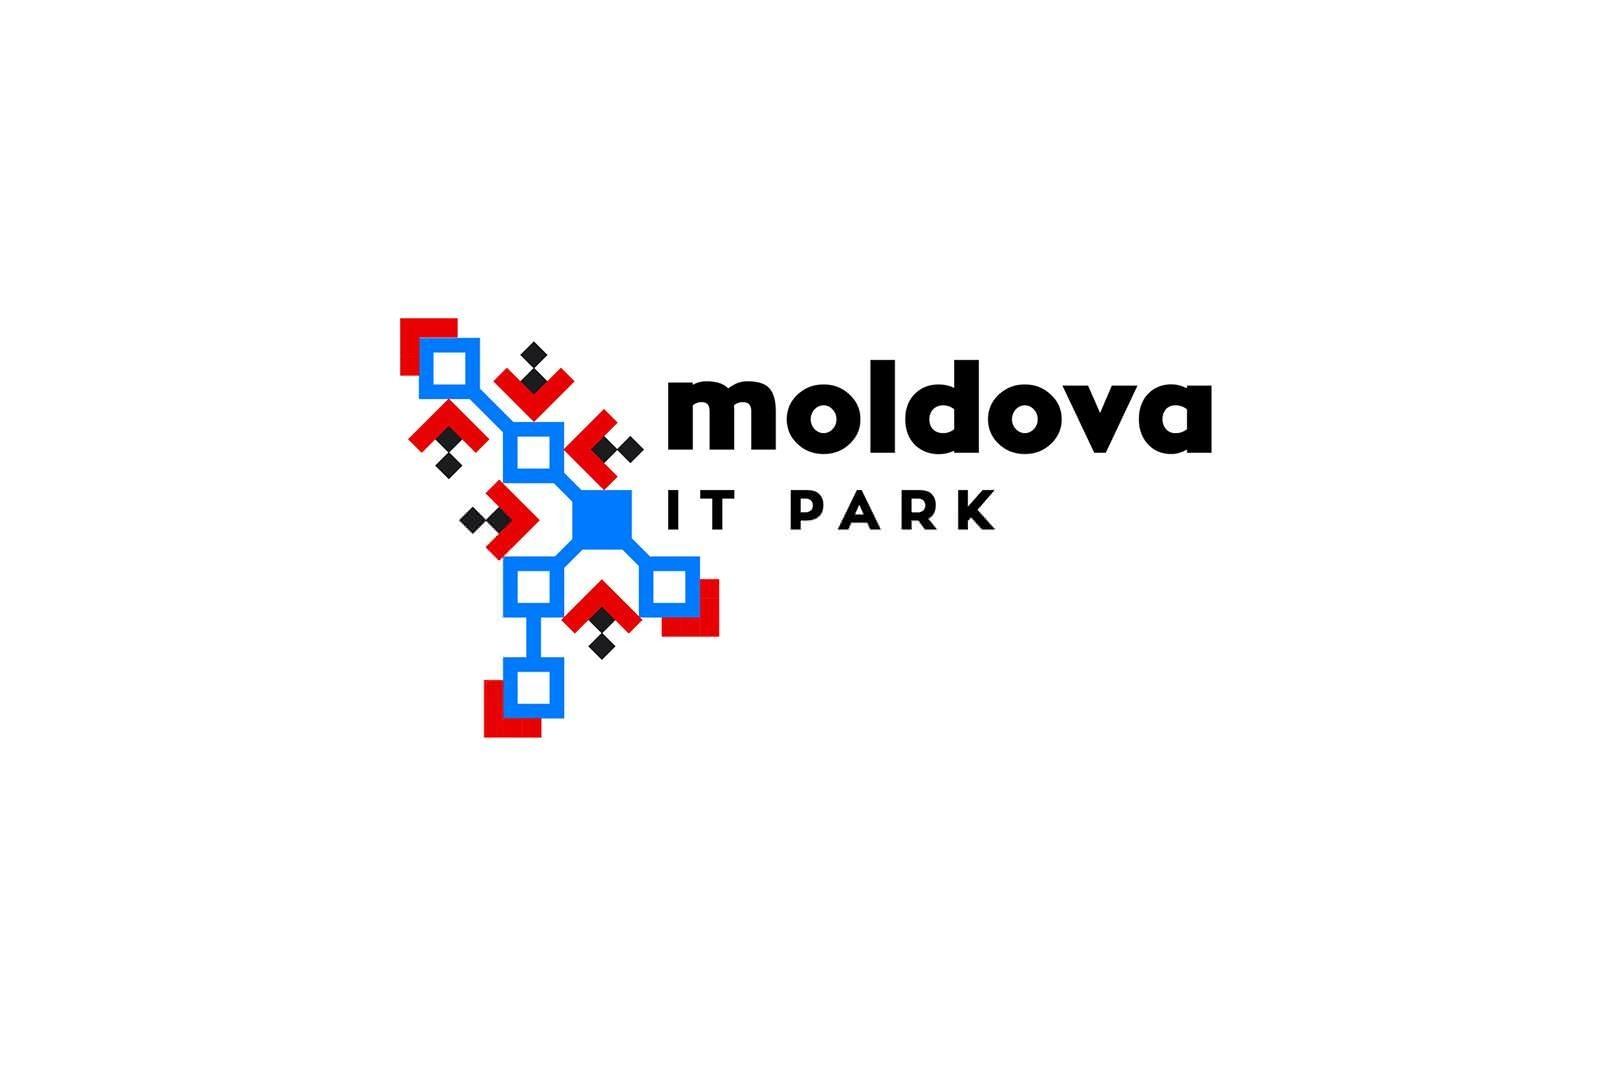 În 2018, rezidenții Moldova IT Park au obținut venit de circa 2 miliarde de lei, majoritatea din vânzările pe piața externă